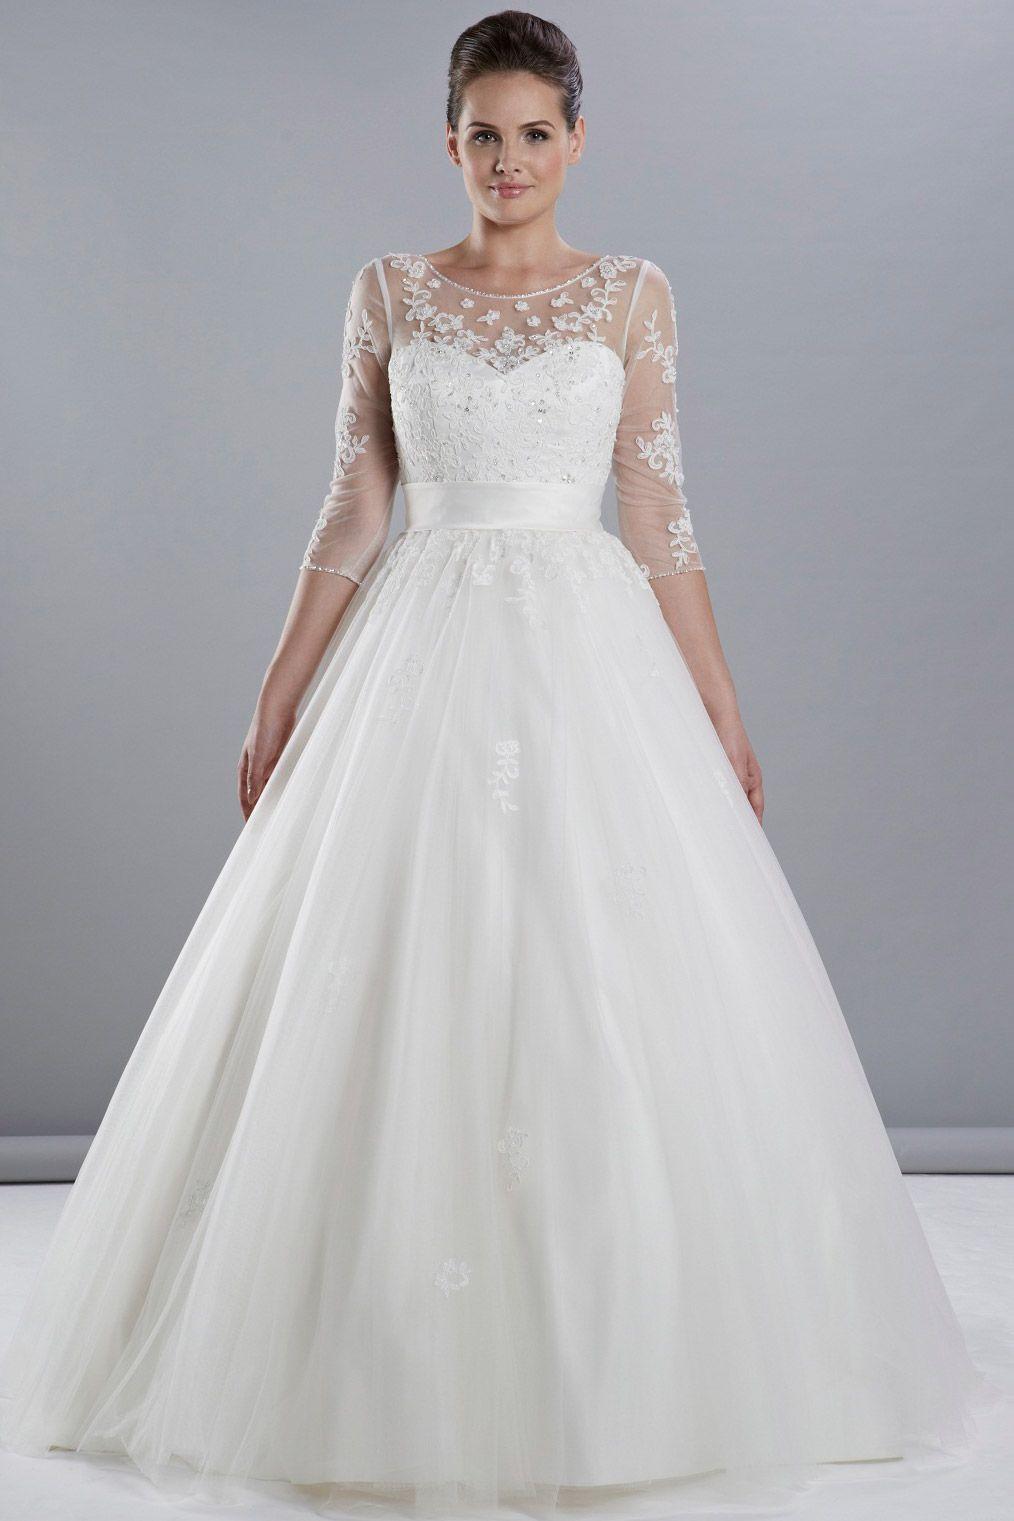 phoenix gown w230 - Google Search | Helens wedding ideas from Liann ...